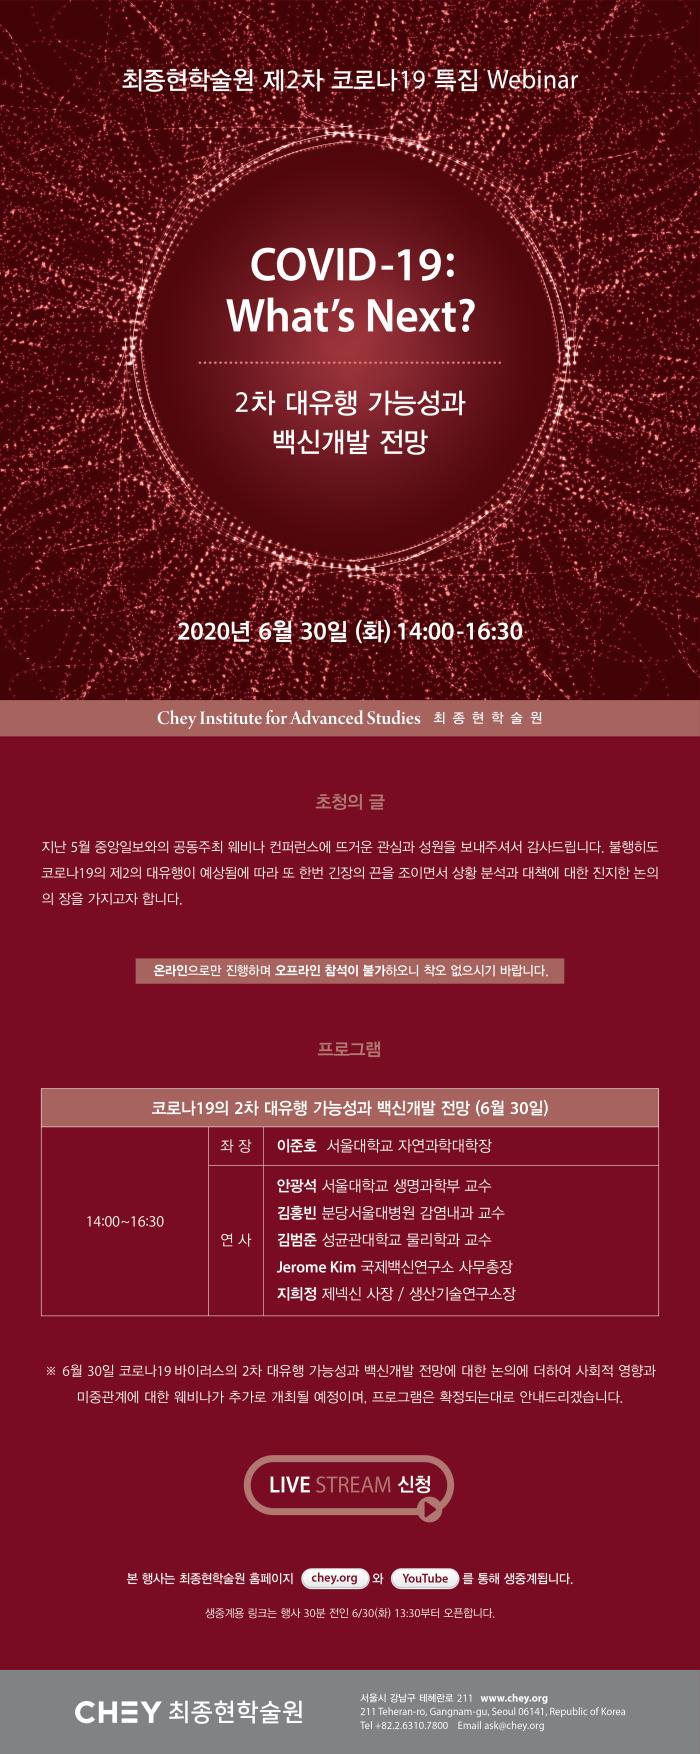 [초청] 제2차 코로나19 특집 Webinar – What's Next? (6/30)